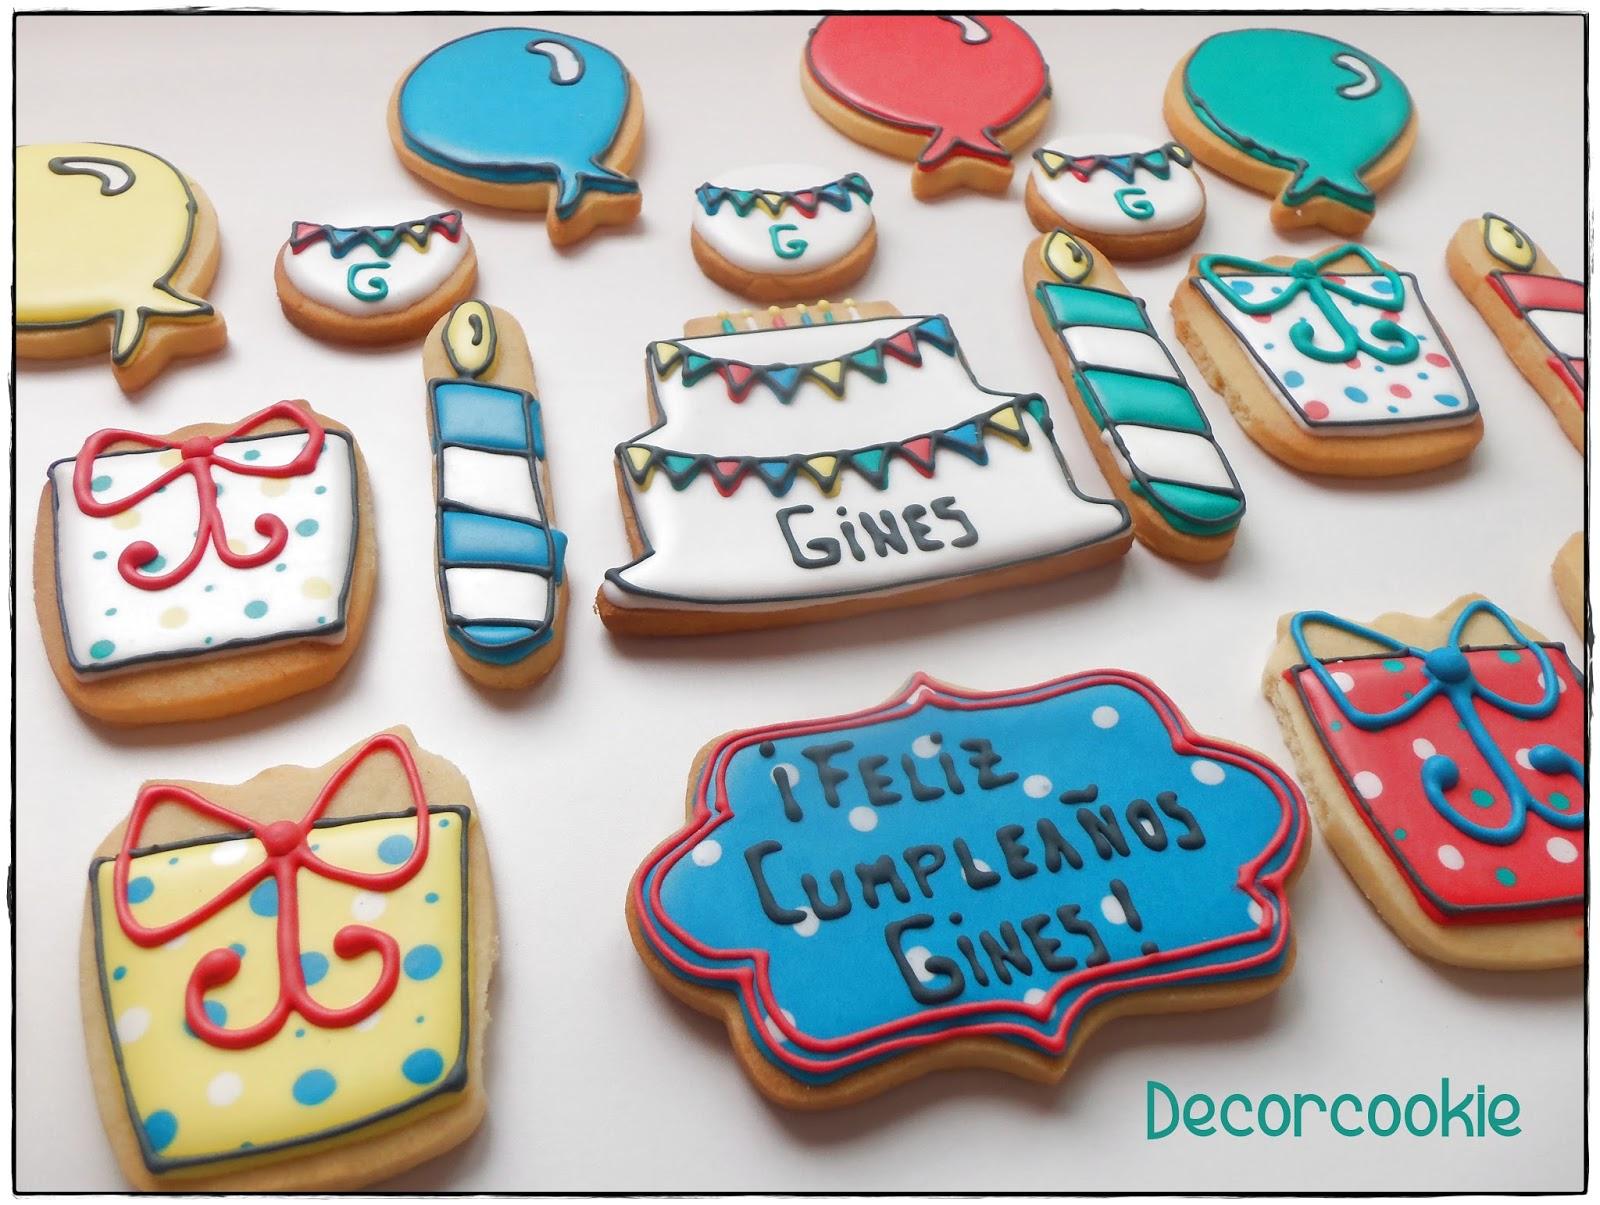 Galletas Decoradas Decorcookie Galletas De Cumpleaños Decoradas Con Glasa